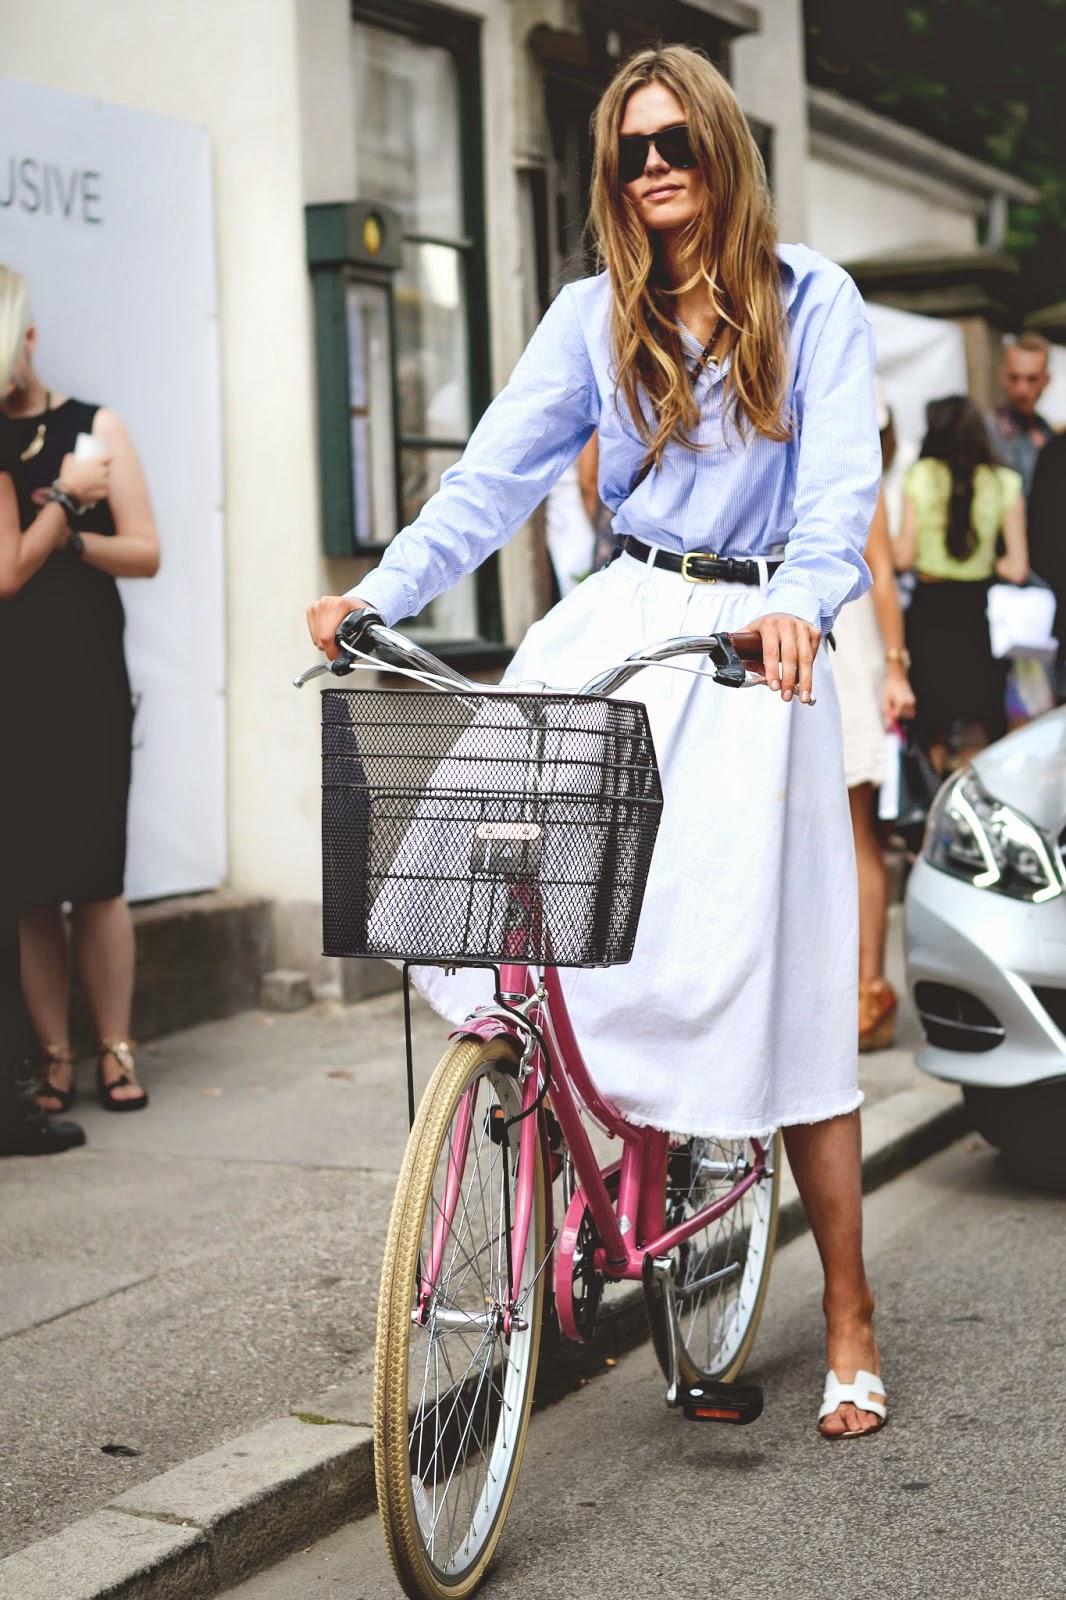 Caroline Brasch Nielsen Copenhagen Fashion Week Streetstyle